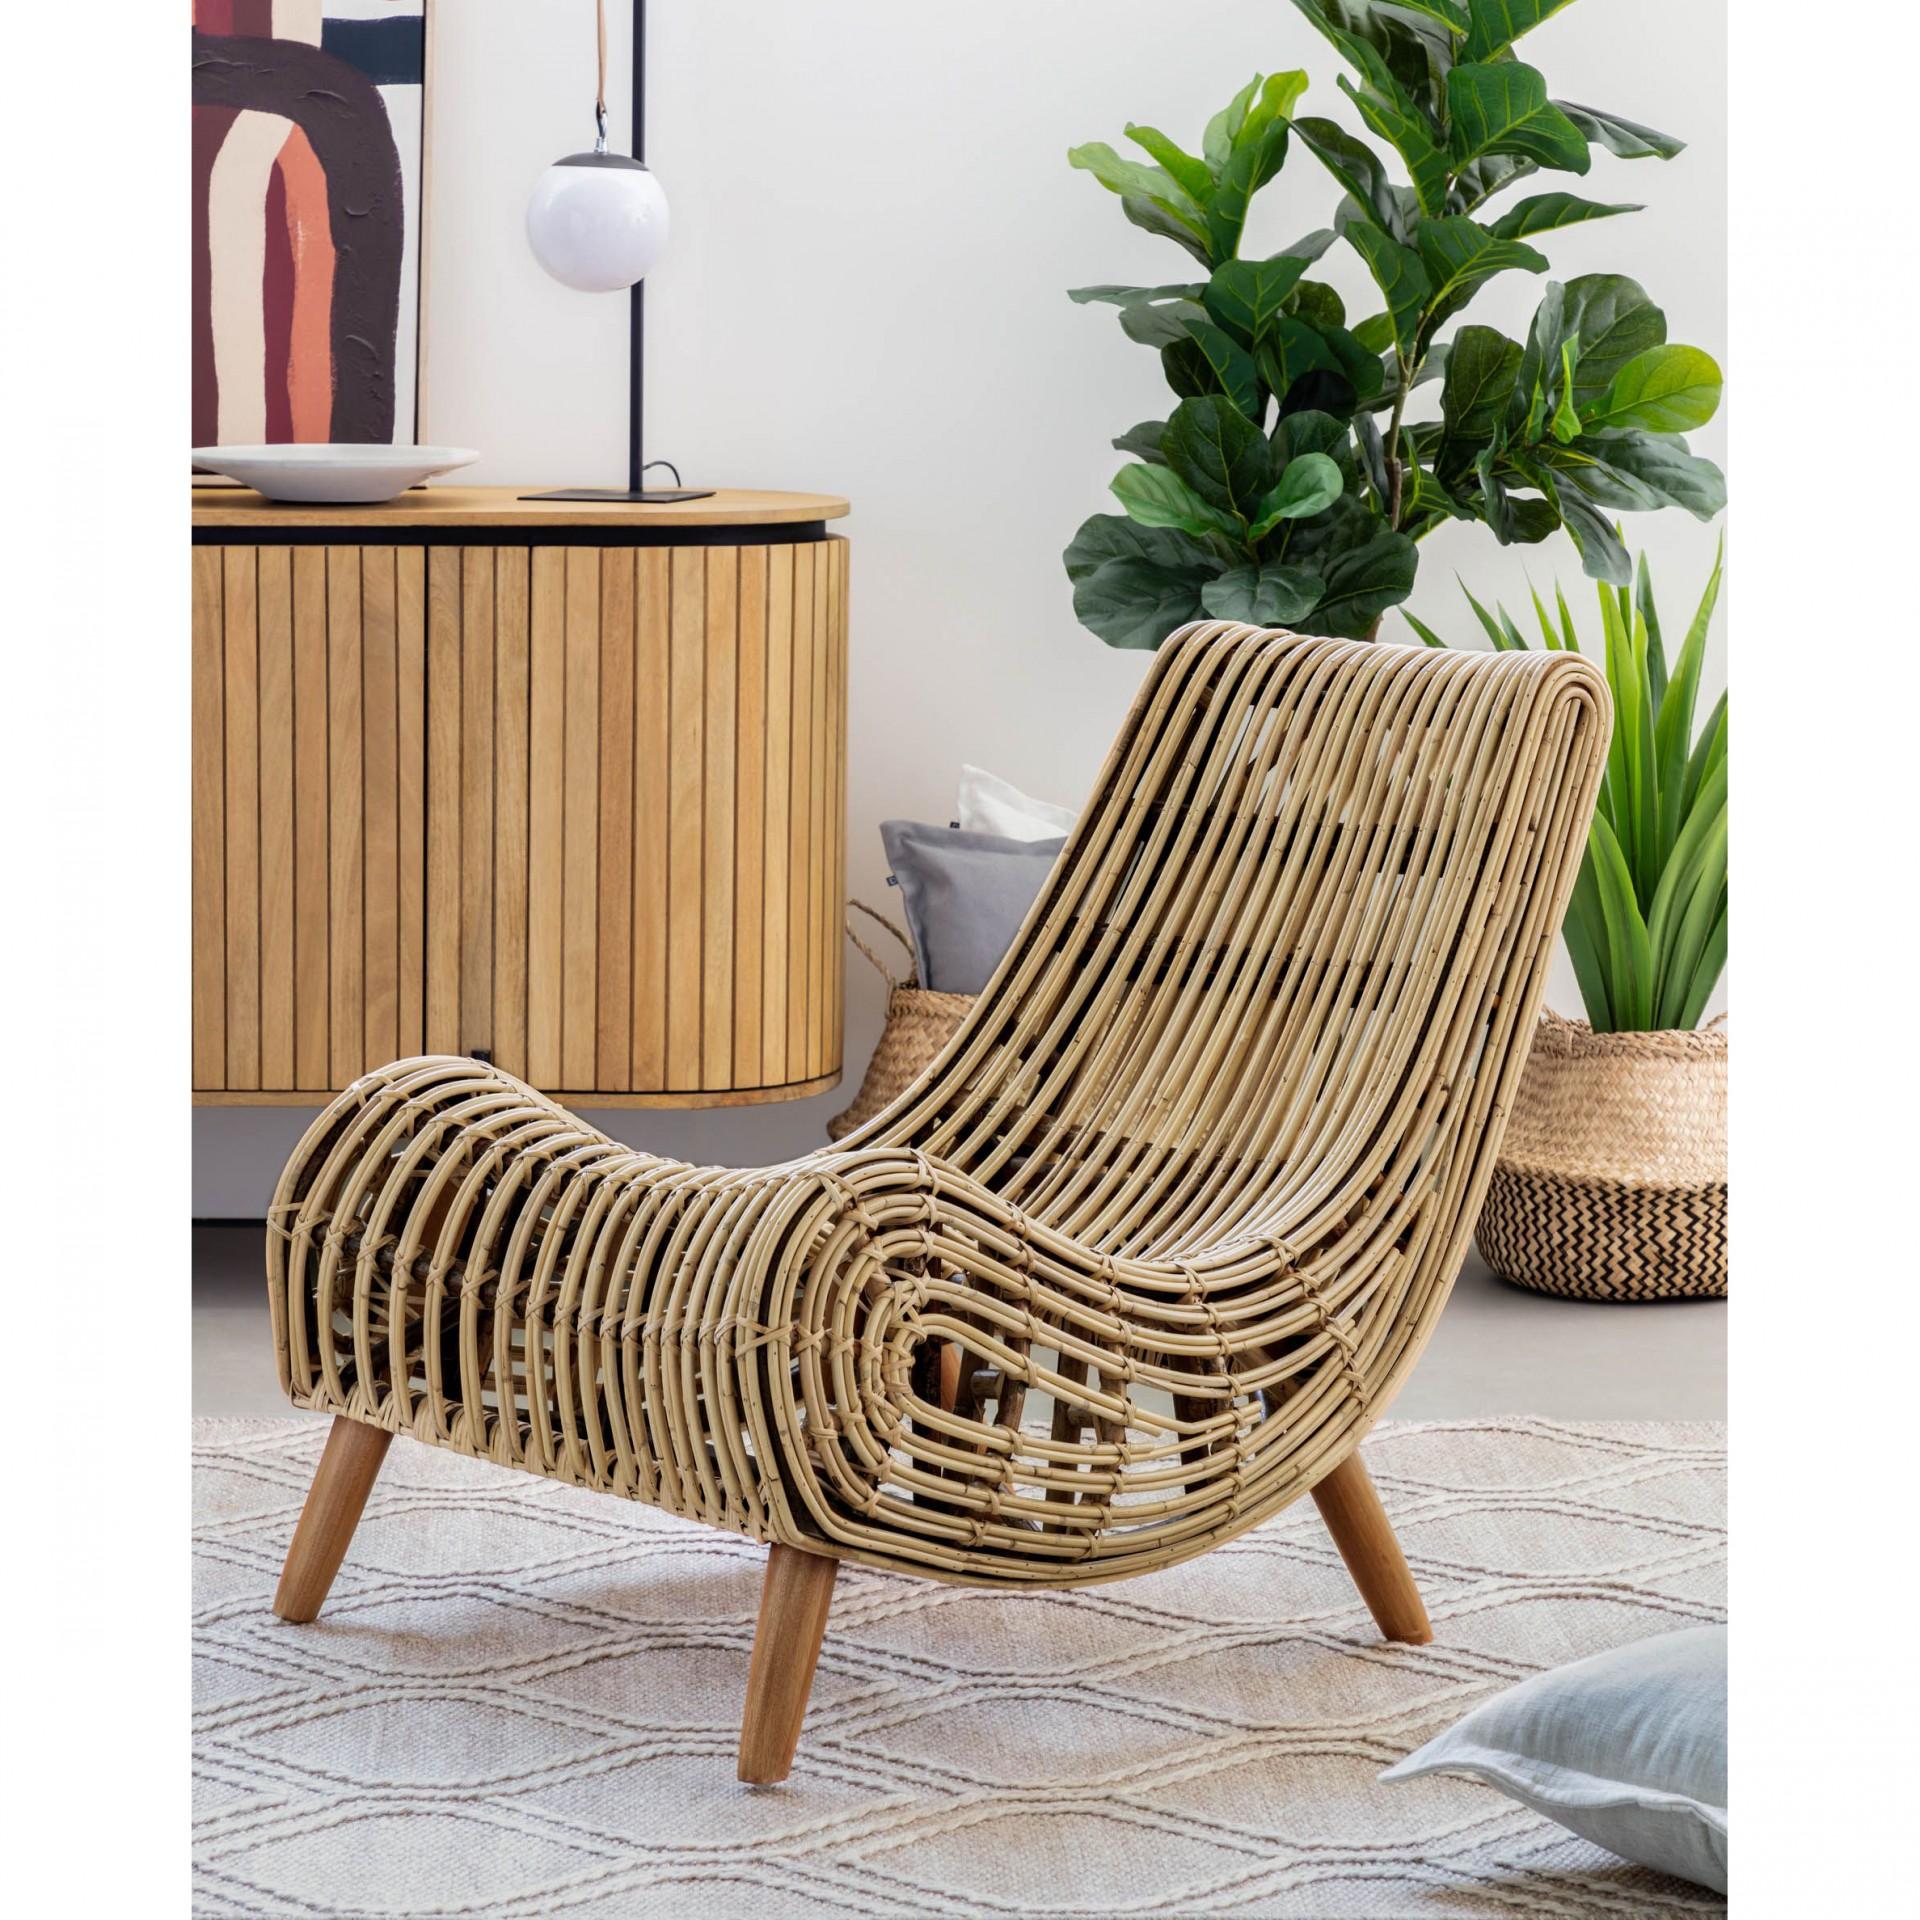 Cadeirão Bali, madeira de mogno/rattan natural